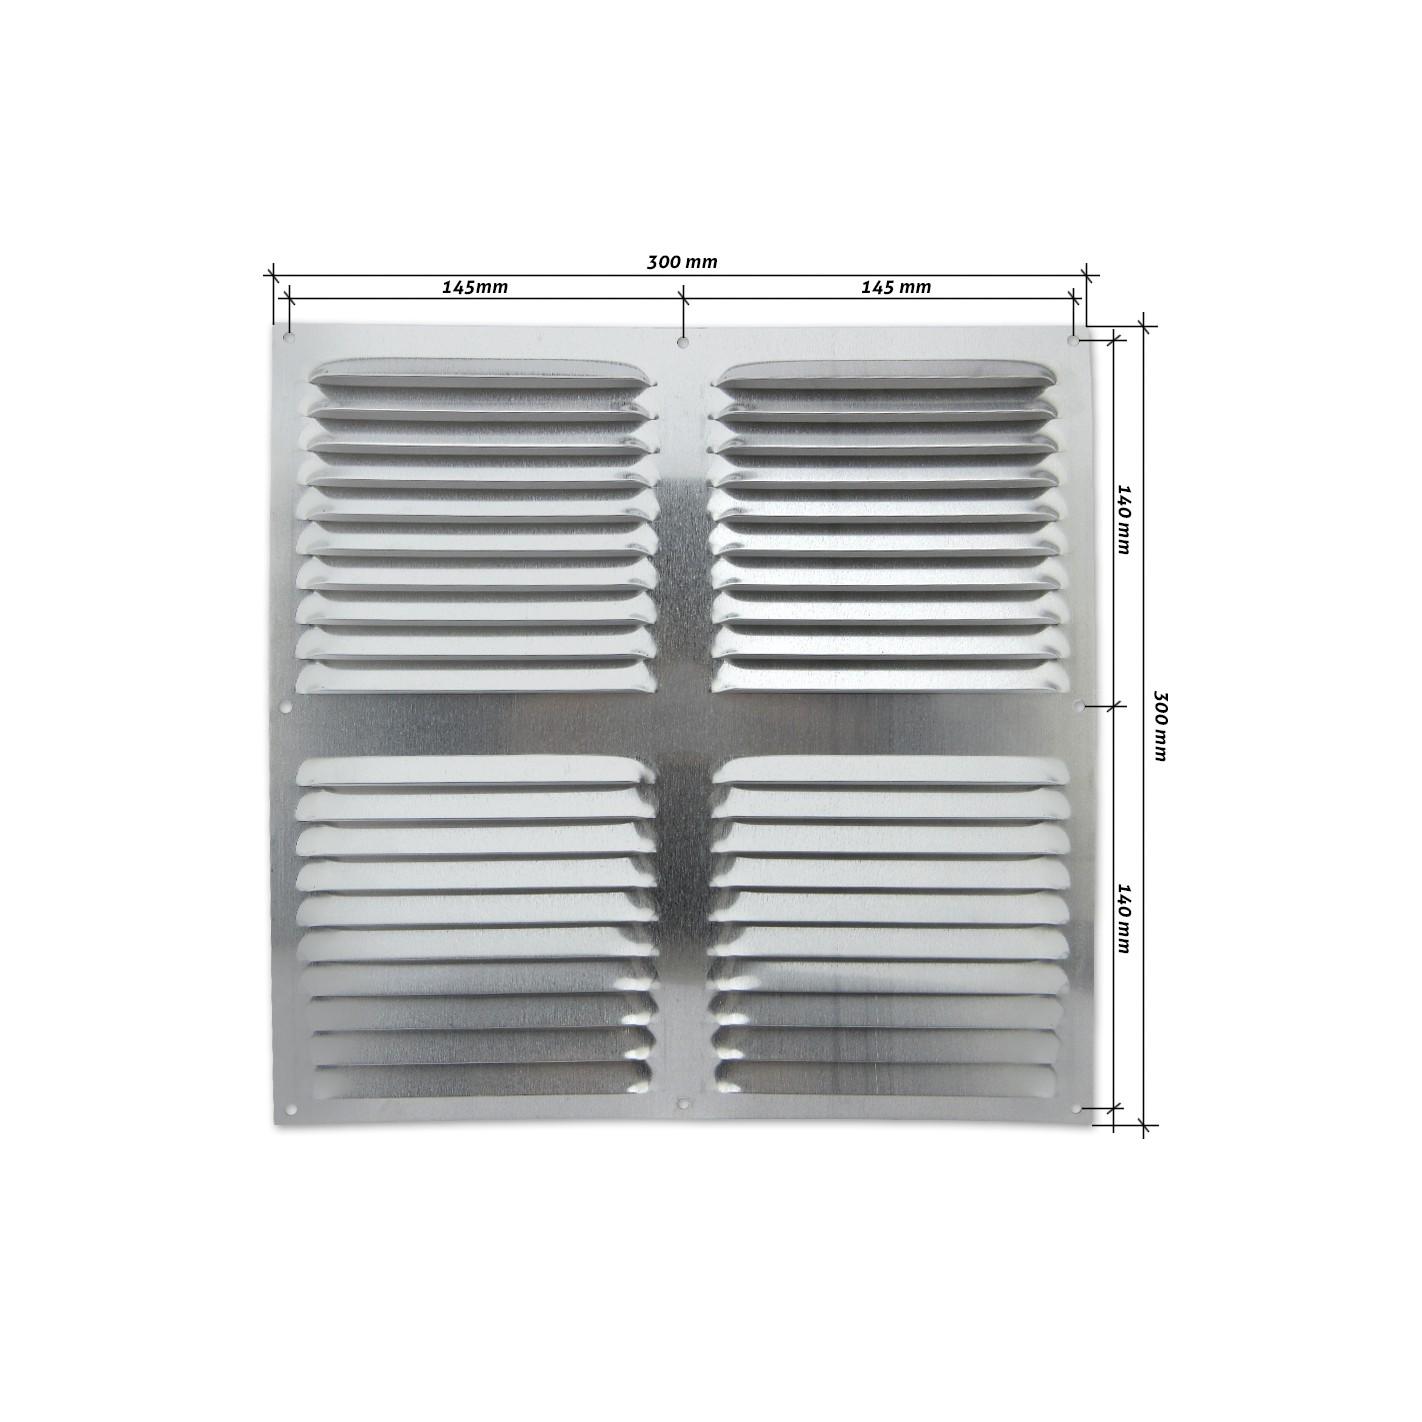 Rejilla de ventilaci n plana 300x300 mm aluminio alg - Rejilla ventilacion aluminio ...